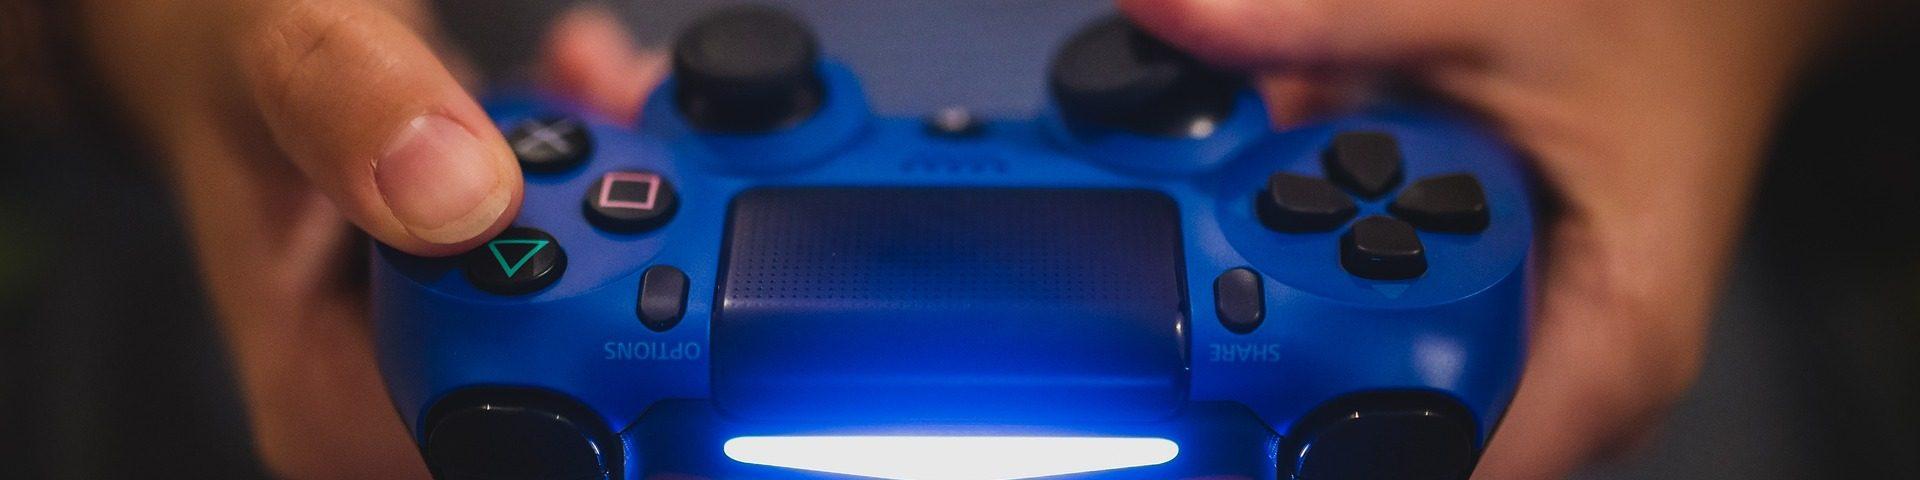 Wie aktiviere ich den Supersampling-Modus auf meiner PS4 Pro?